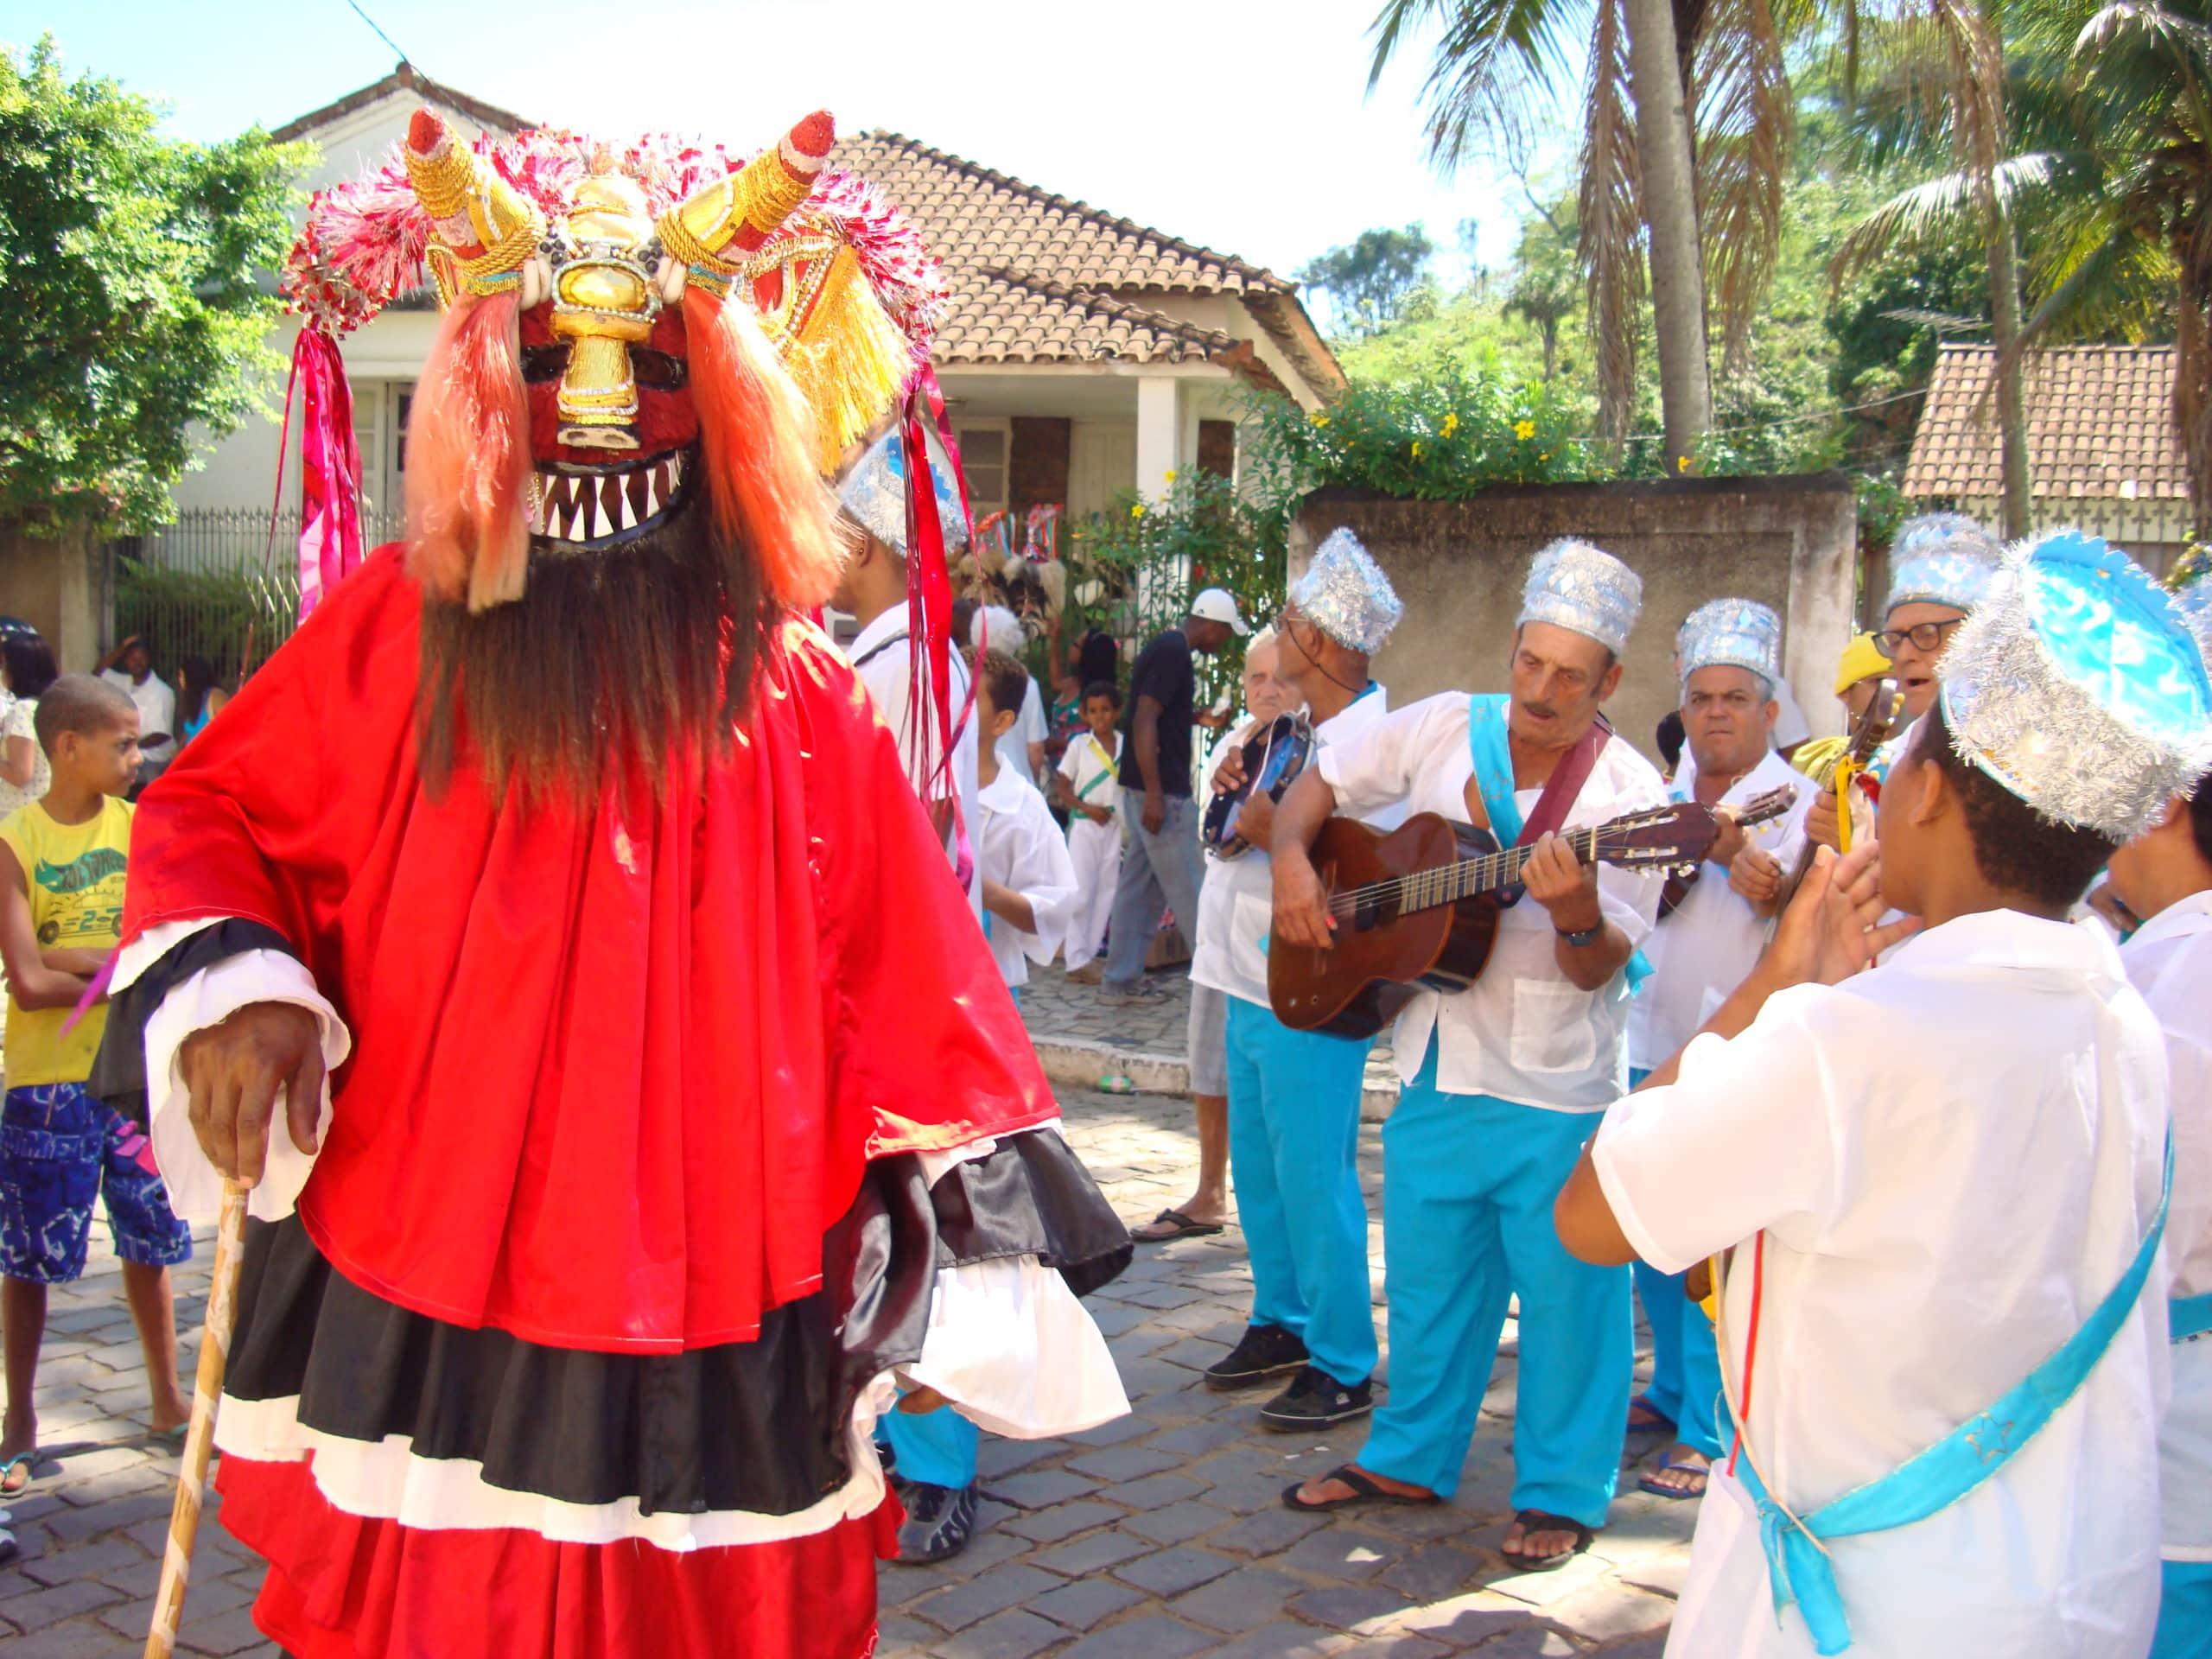 Folia de Reis é um festejo de origem portuguesa, ligado às comemorações do culto católico do Natal